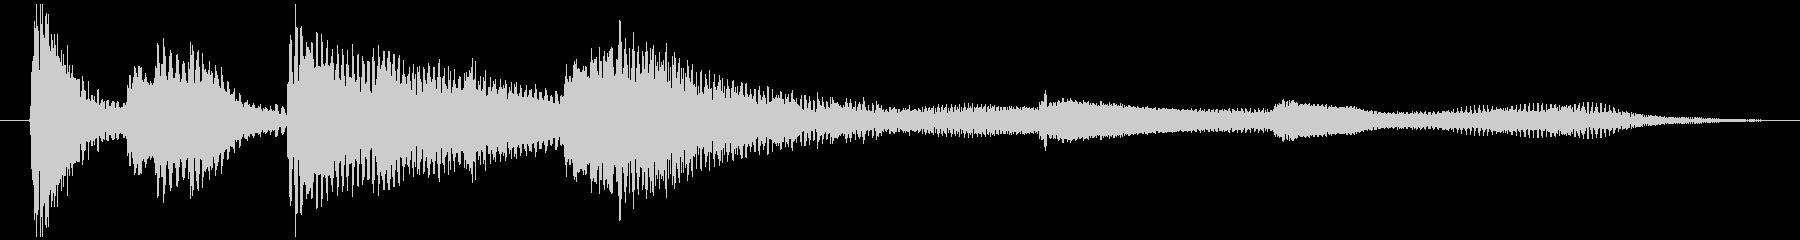 ピアノのシンプルなジングル6秒の未再生の波形